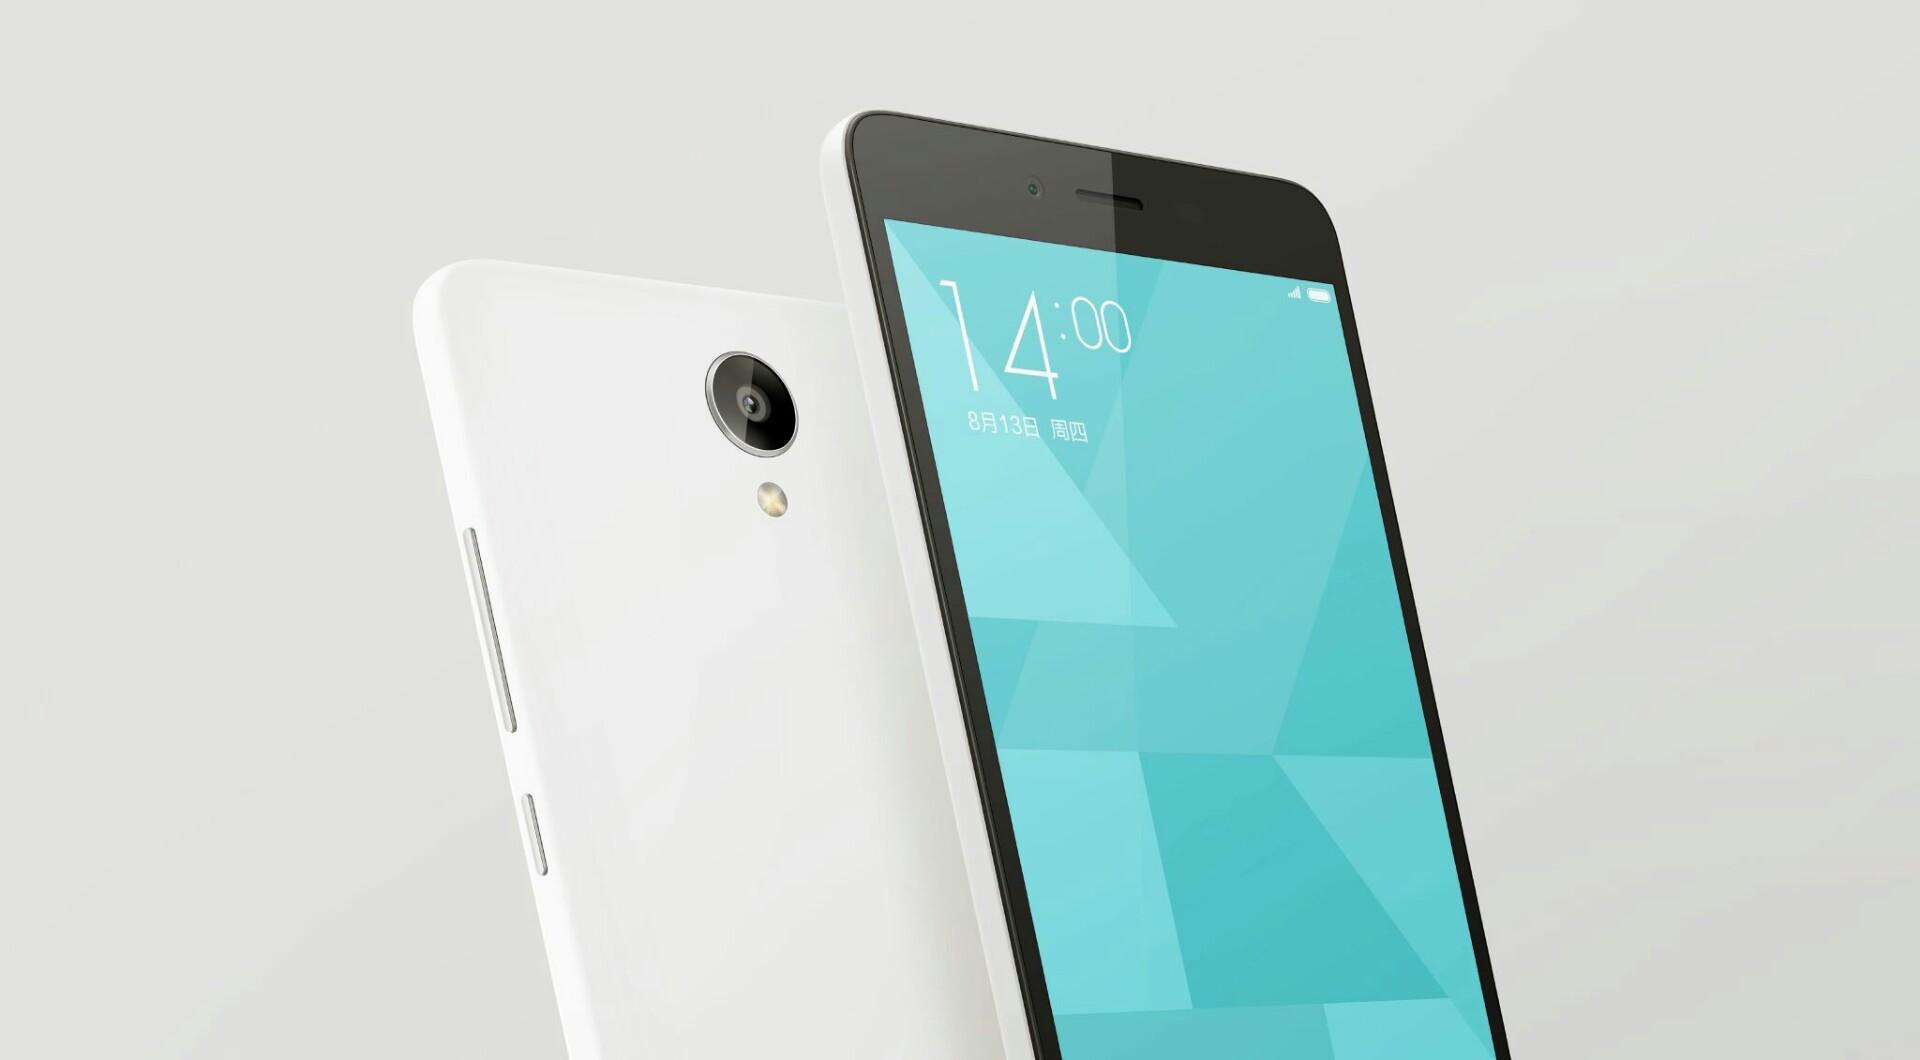 Xiaomi Redmi Note 2 Ufficiale Specifiche Tecniche